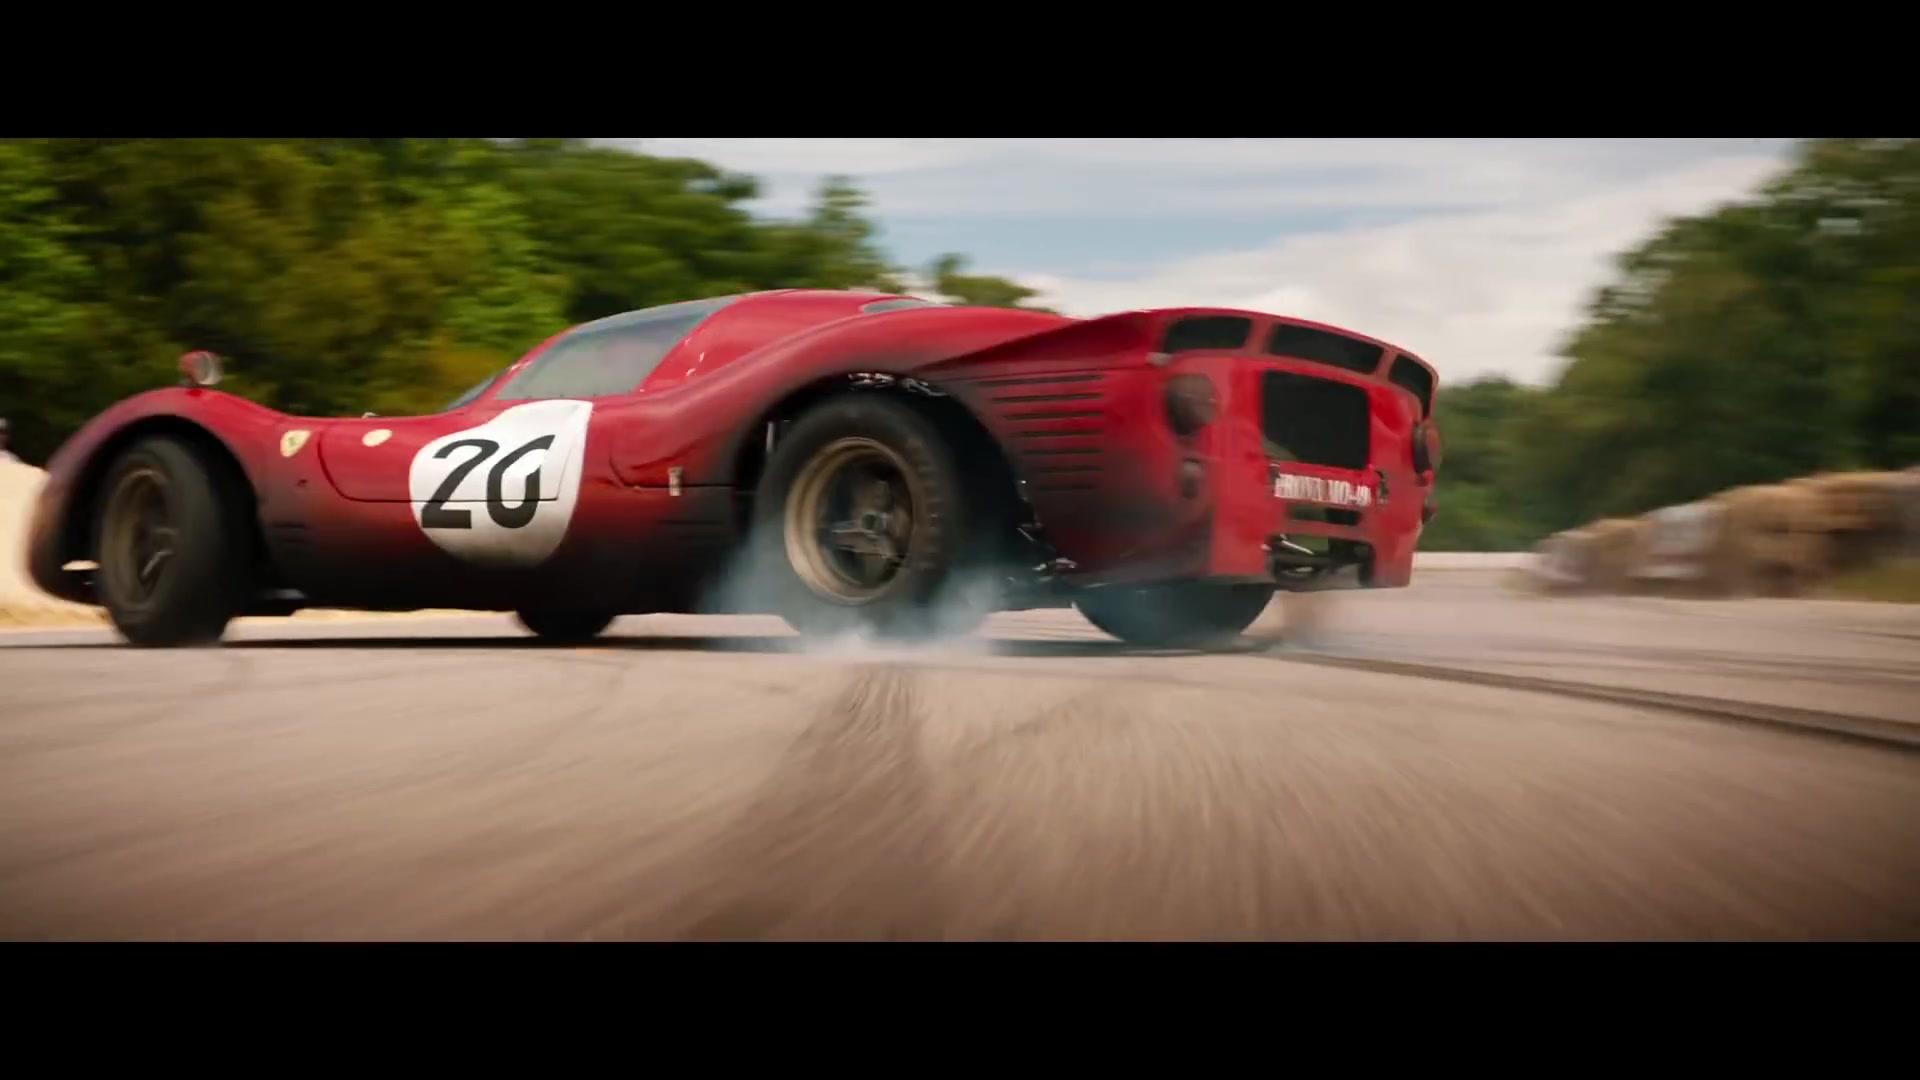 Ferrari 330 P4 Red Sports Car In Ford V Ferrari 2019